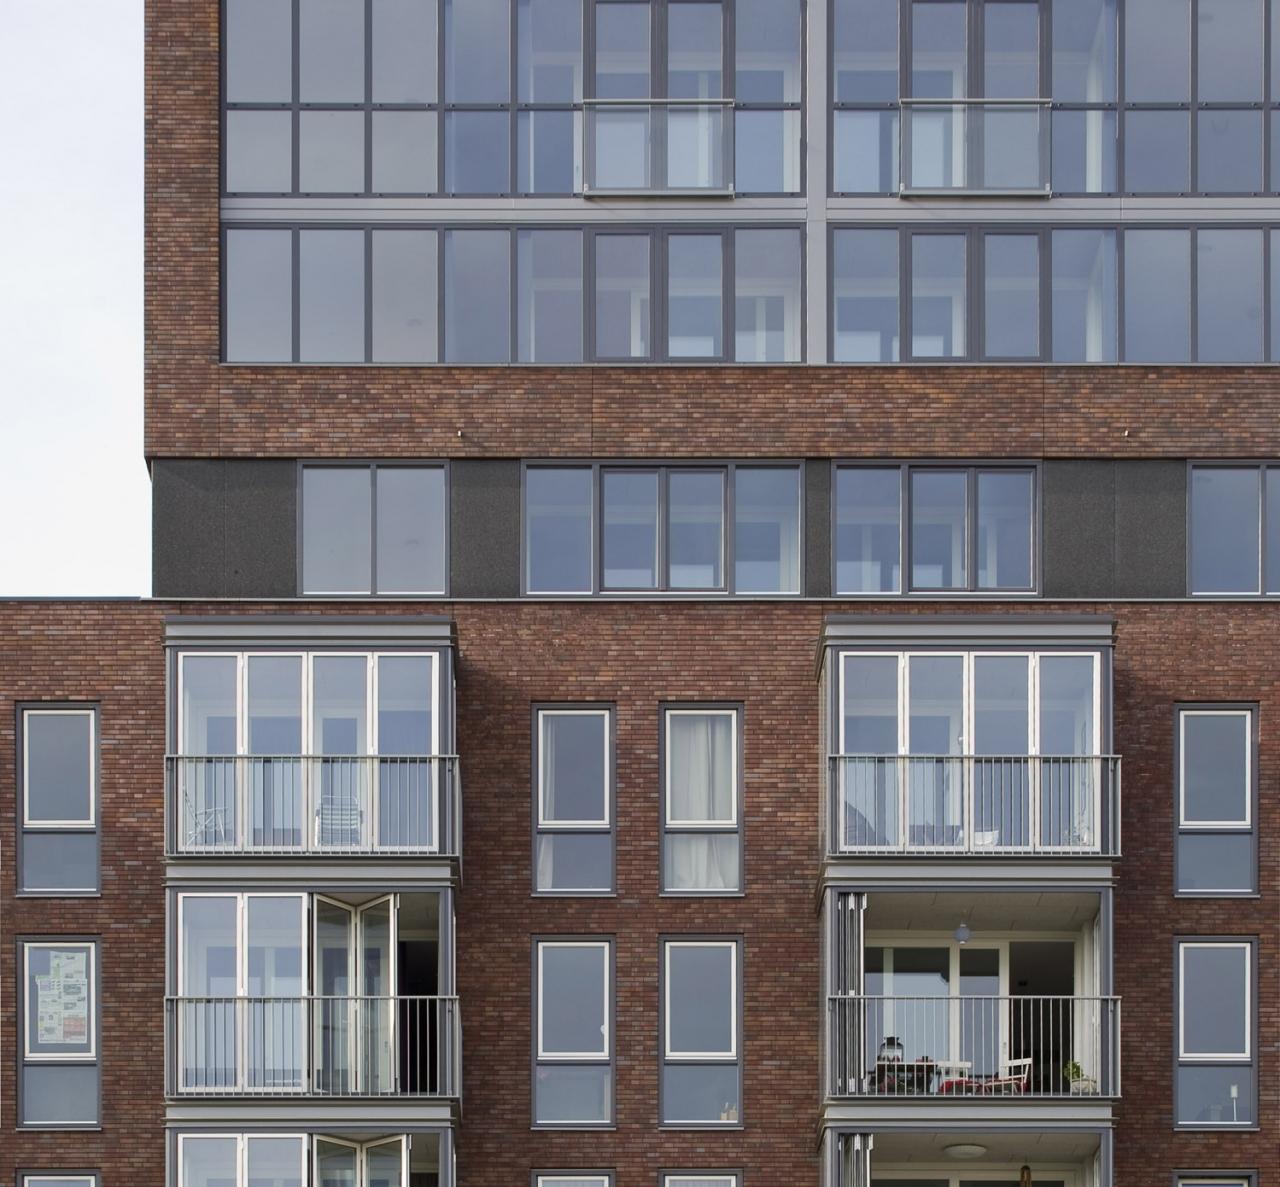 http://studioleonthier.nl/uploads/studio-leon-thier_woongebouw-de-twee_tilburg_foto-peter-de-ruig_11_erker__1399648324.jpg